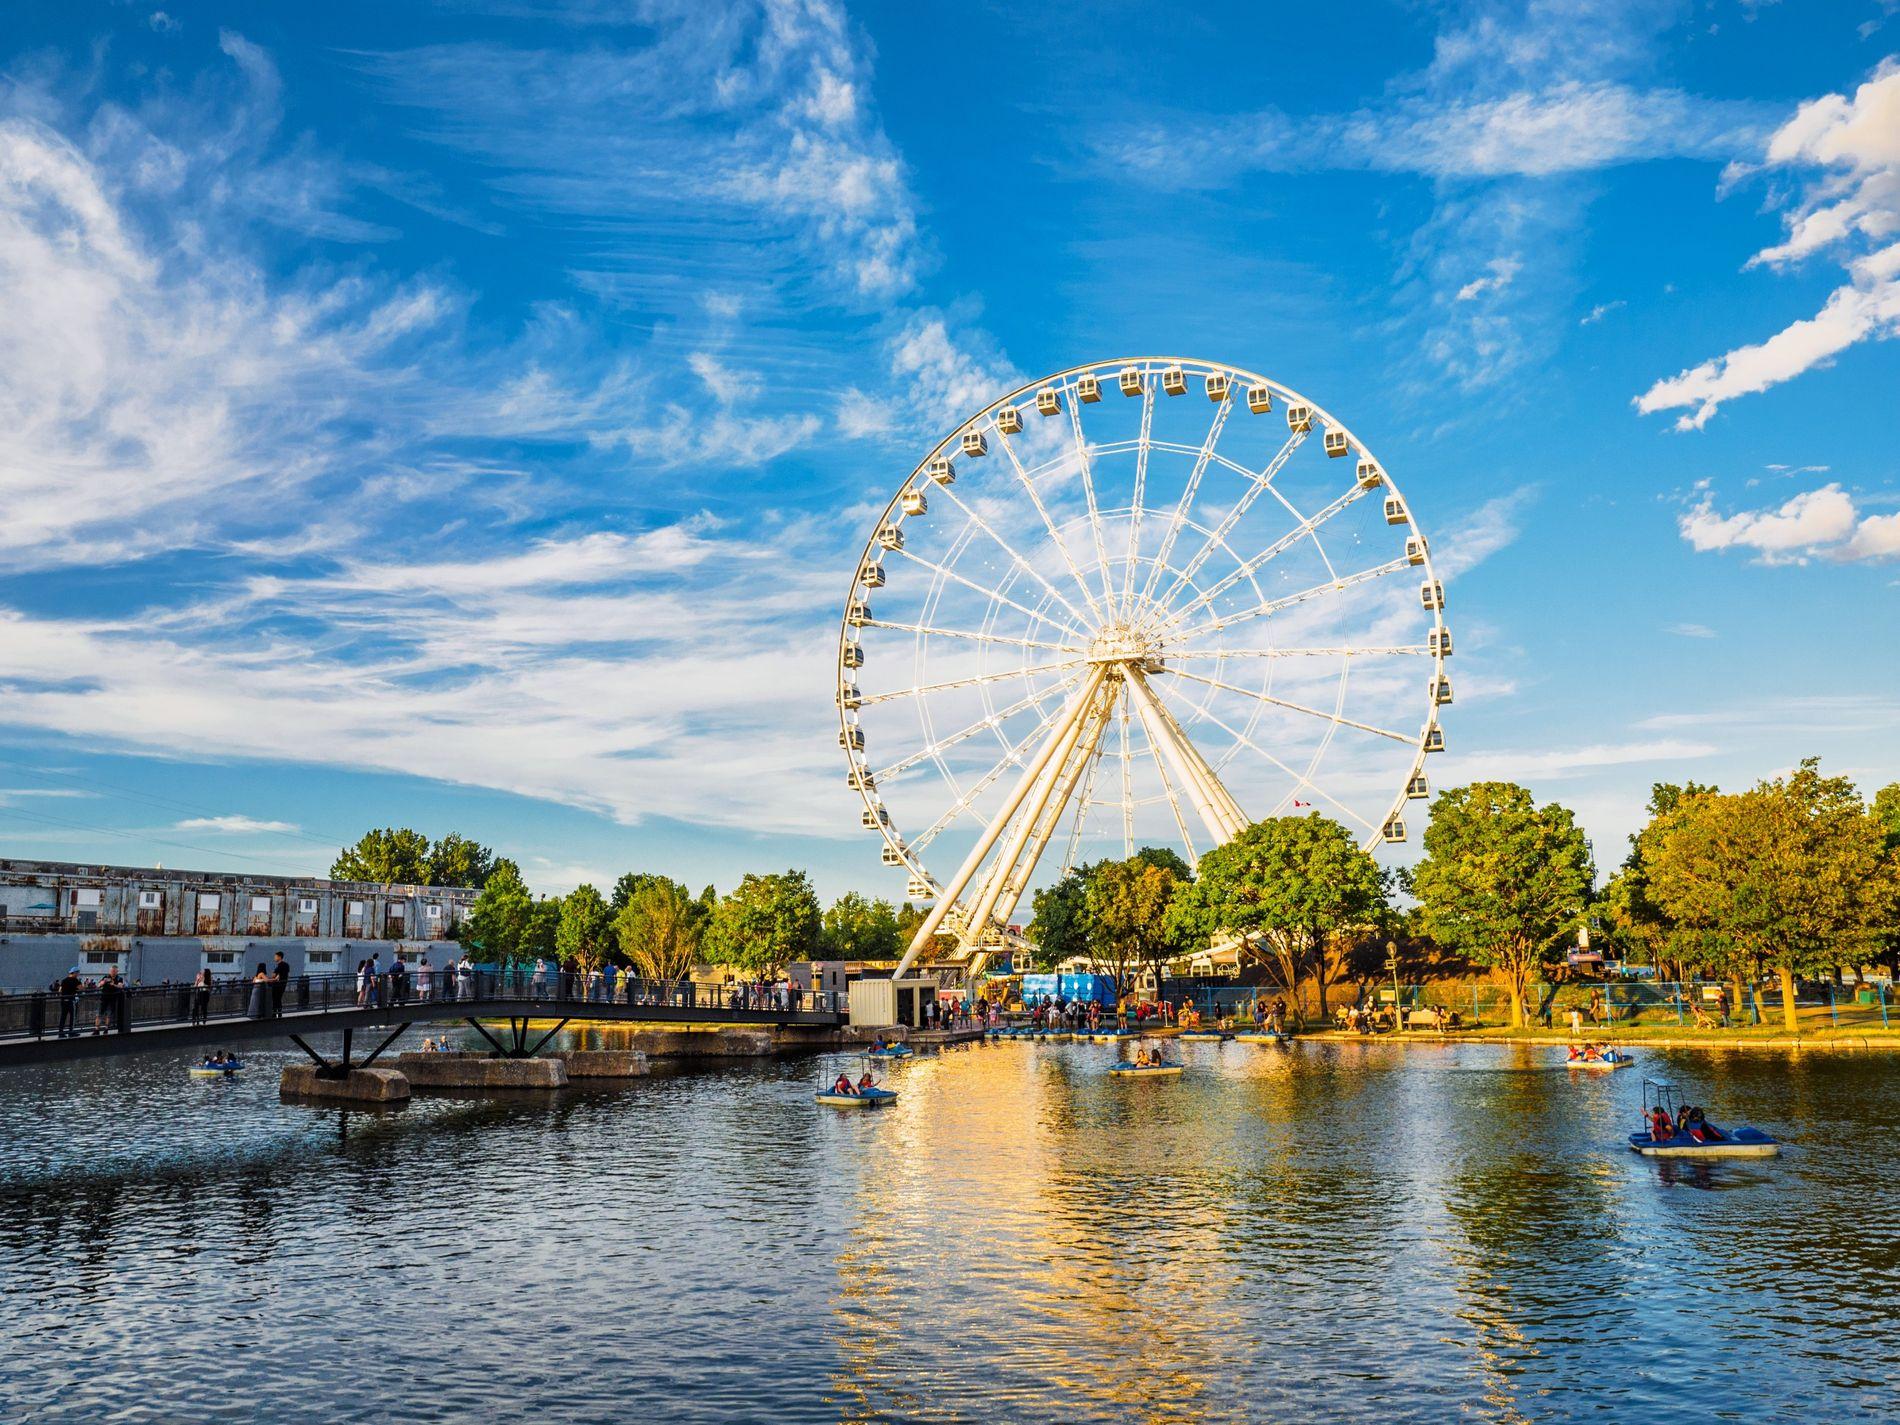 Der Waterfront Park in der Altstadt von Montréal mit Blick auf das Riesenrad La Grande Roue de Montréal.